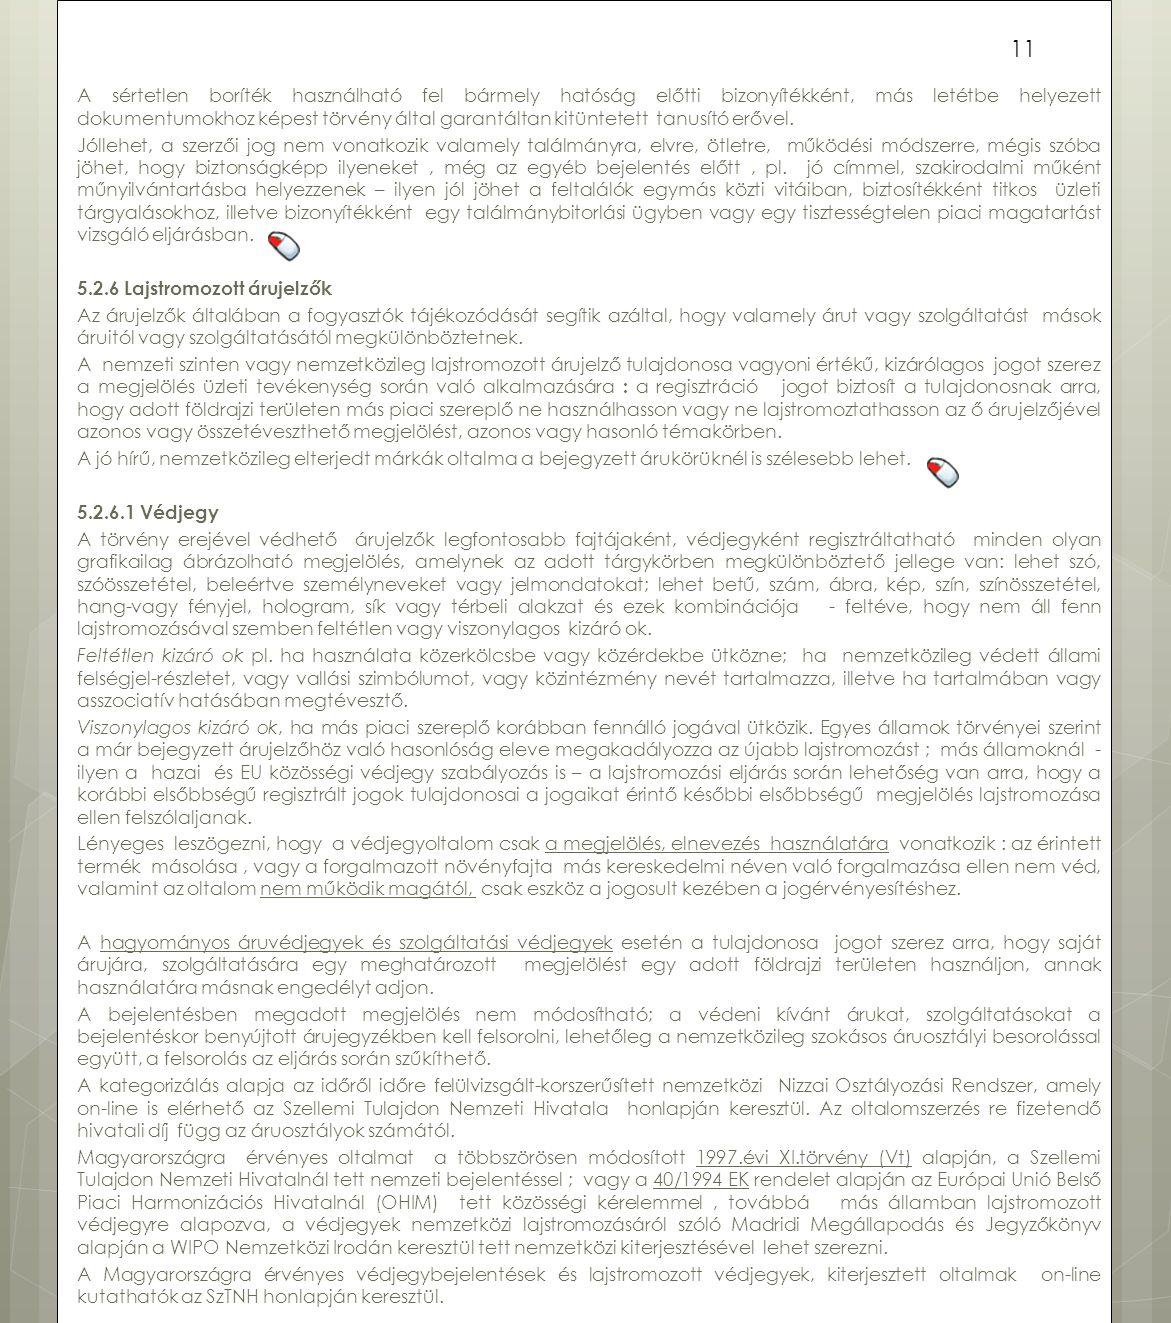 A sértetlen boríték használható fel bármely hatóság előtti bizonyítékként, más letétbe helyezett dokumentumokhoz képest törvény által garantáltan kitü